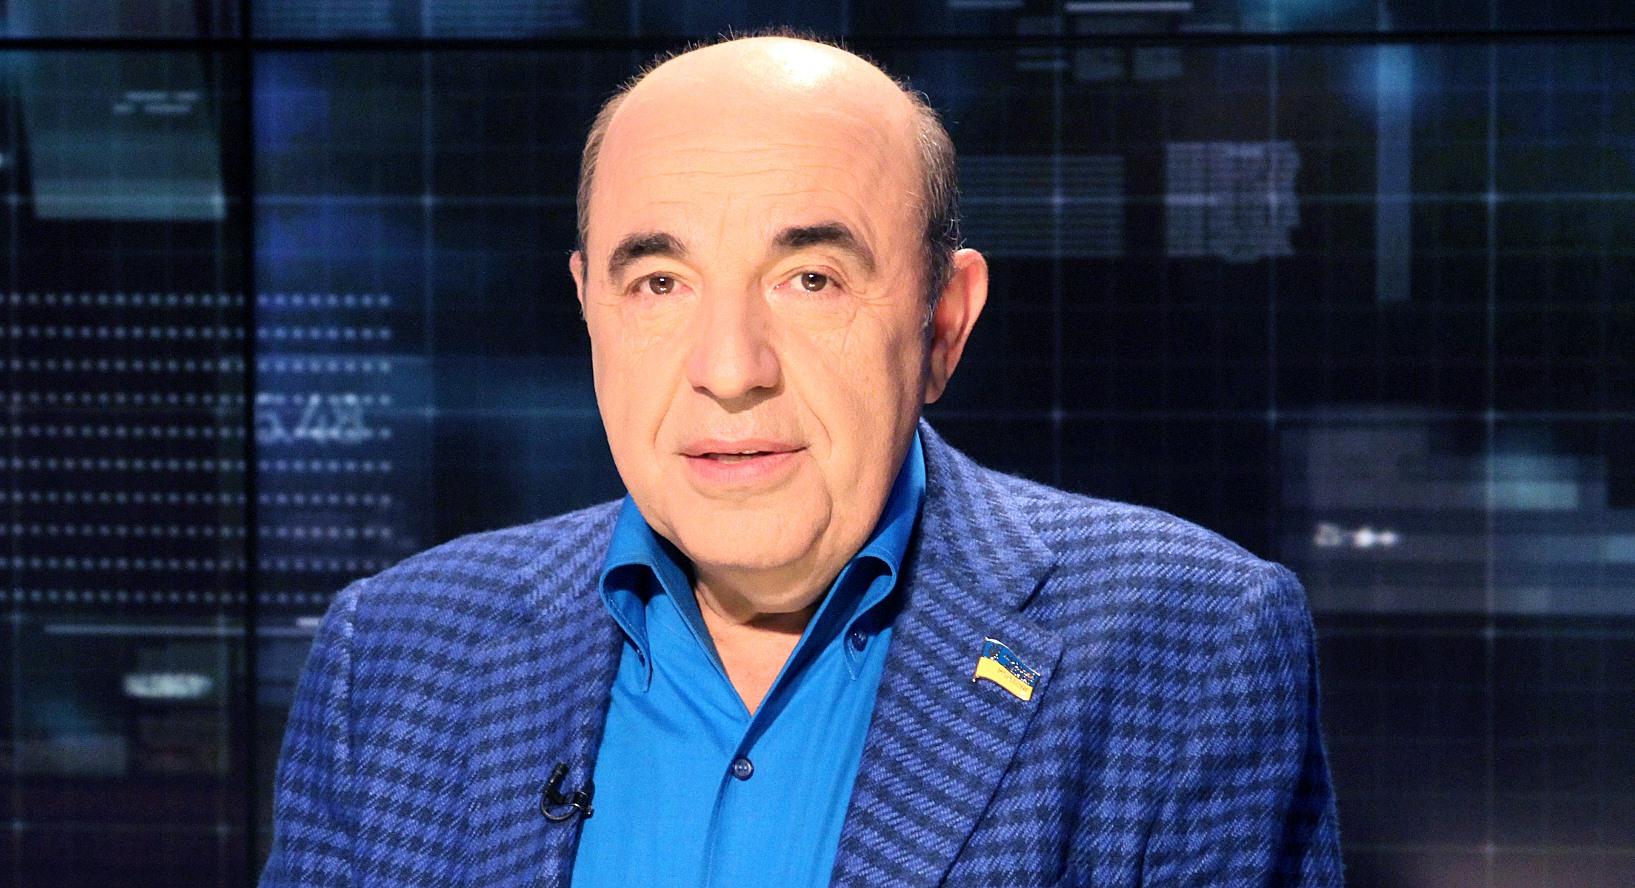 Рабинович пообещал «банковский Майдан», если Гонтареву и Рожкову не уберут из НБУ до 1 декабря